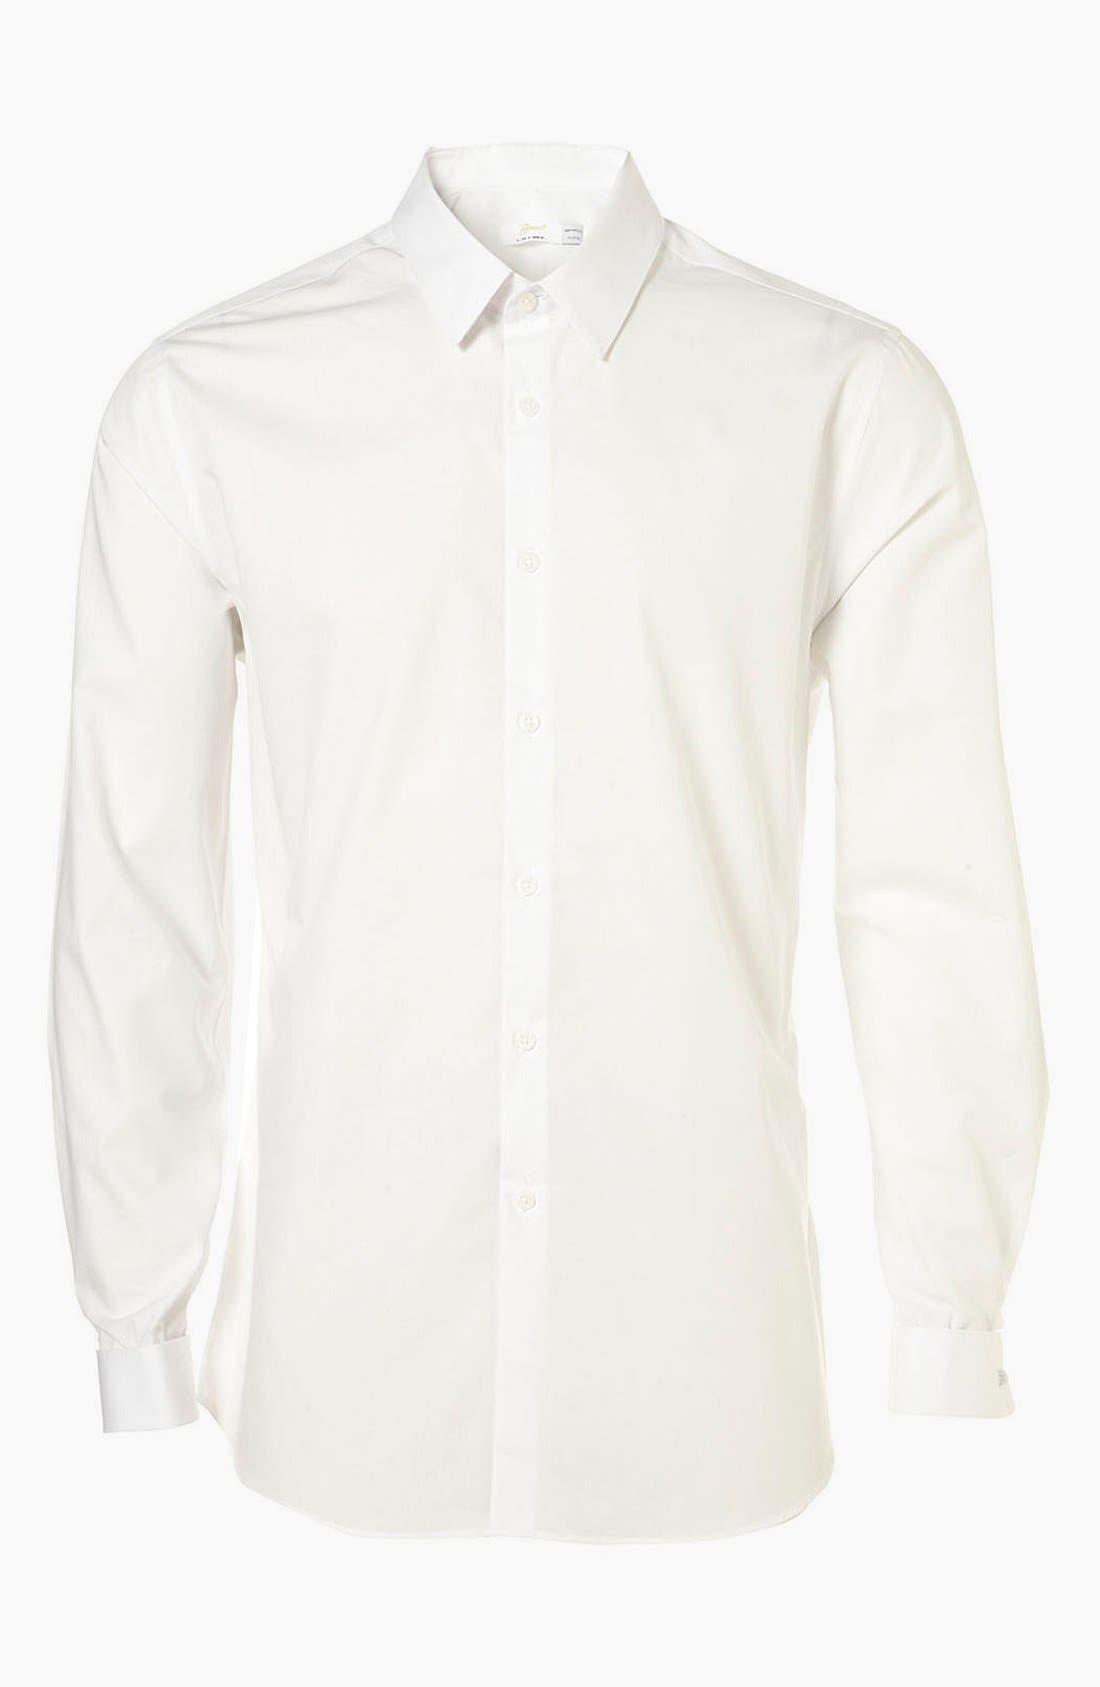 Main Image - Topman 'Smart' Slim Fit Dress Shirt